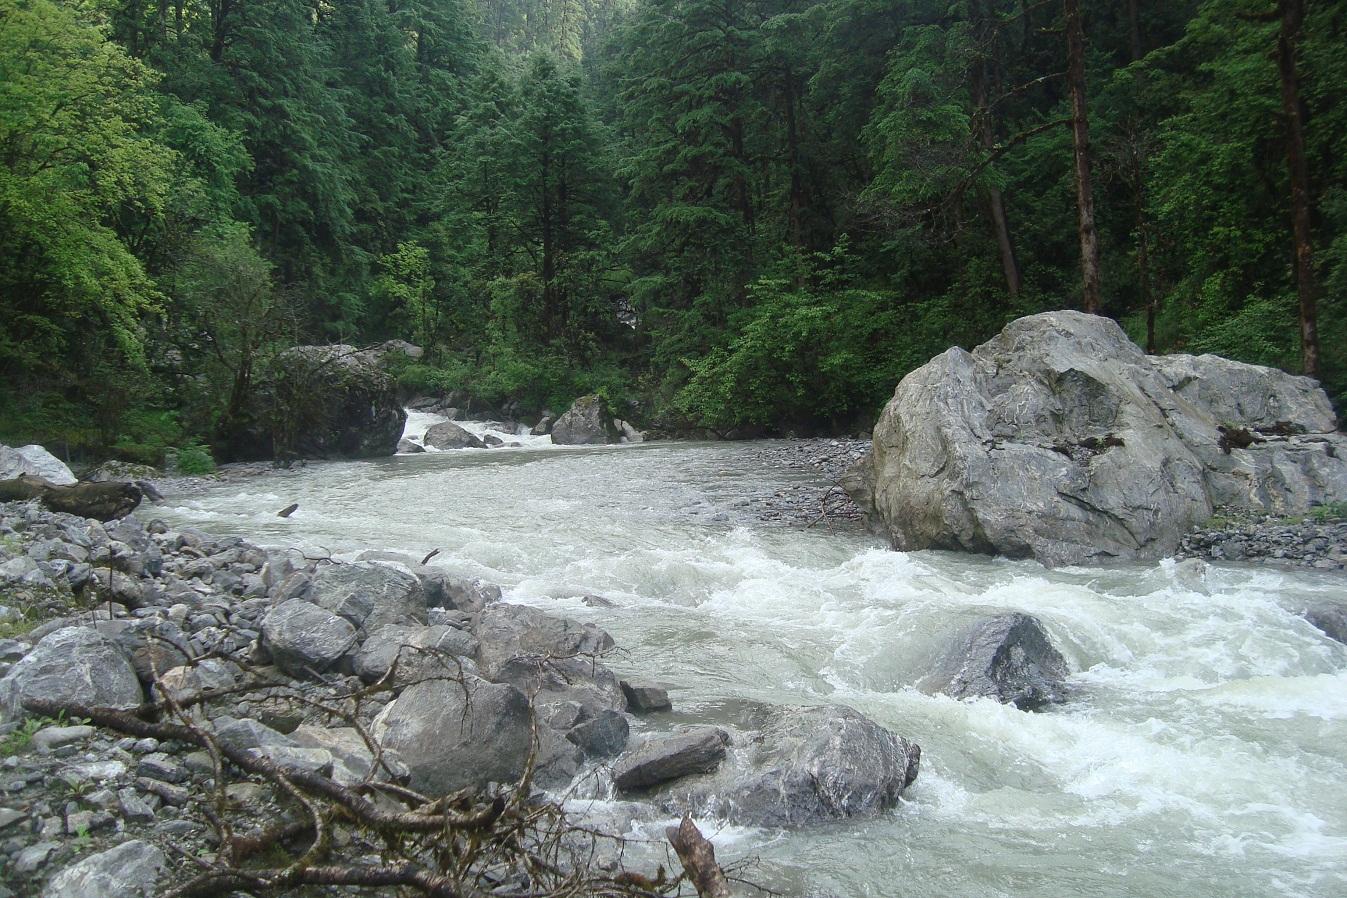 Nupche Likhu Hydropower Project